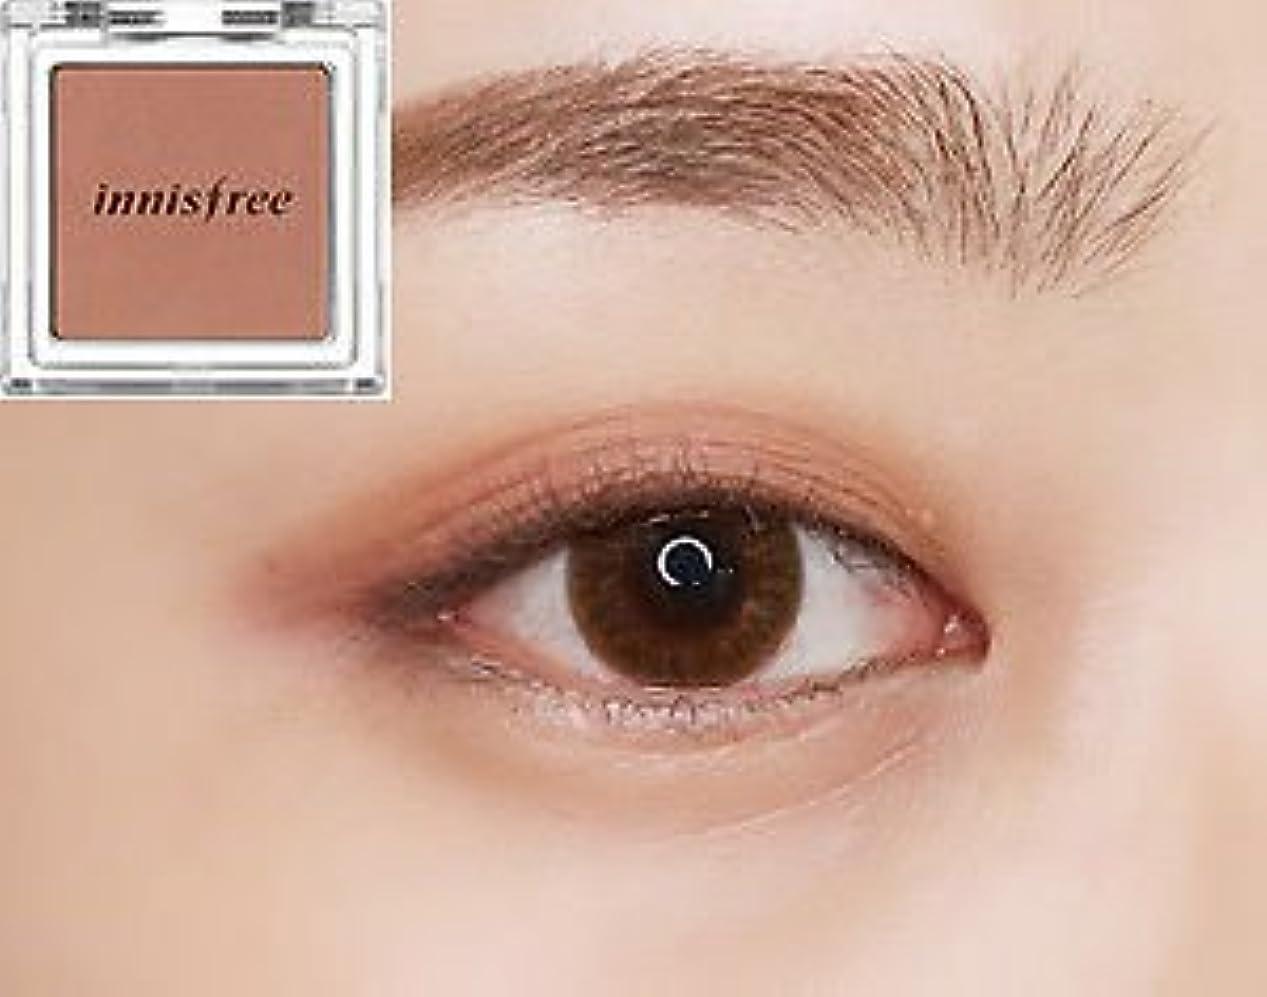 バー気分意気込み[イニスフリー] innisfree [マイ パレット マイ アイシャドウ (マット) 40カラー] MY PALETTE My Eyeshadow (Matte) 40 Shades [海外直送品] (マット #23)